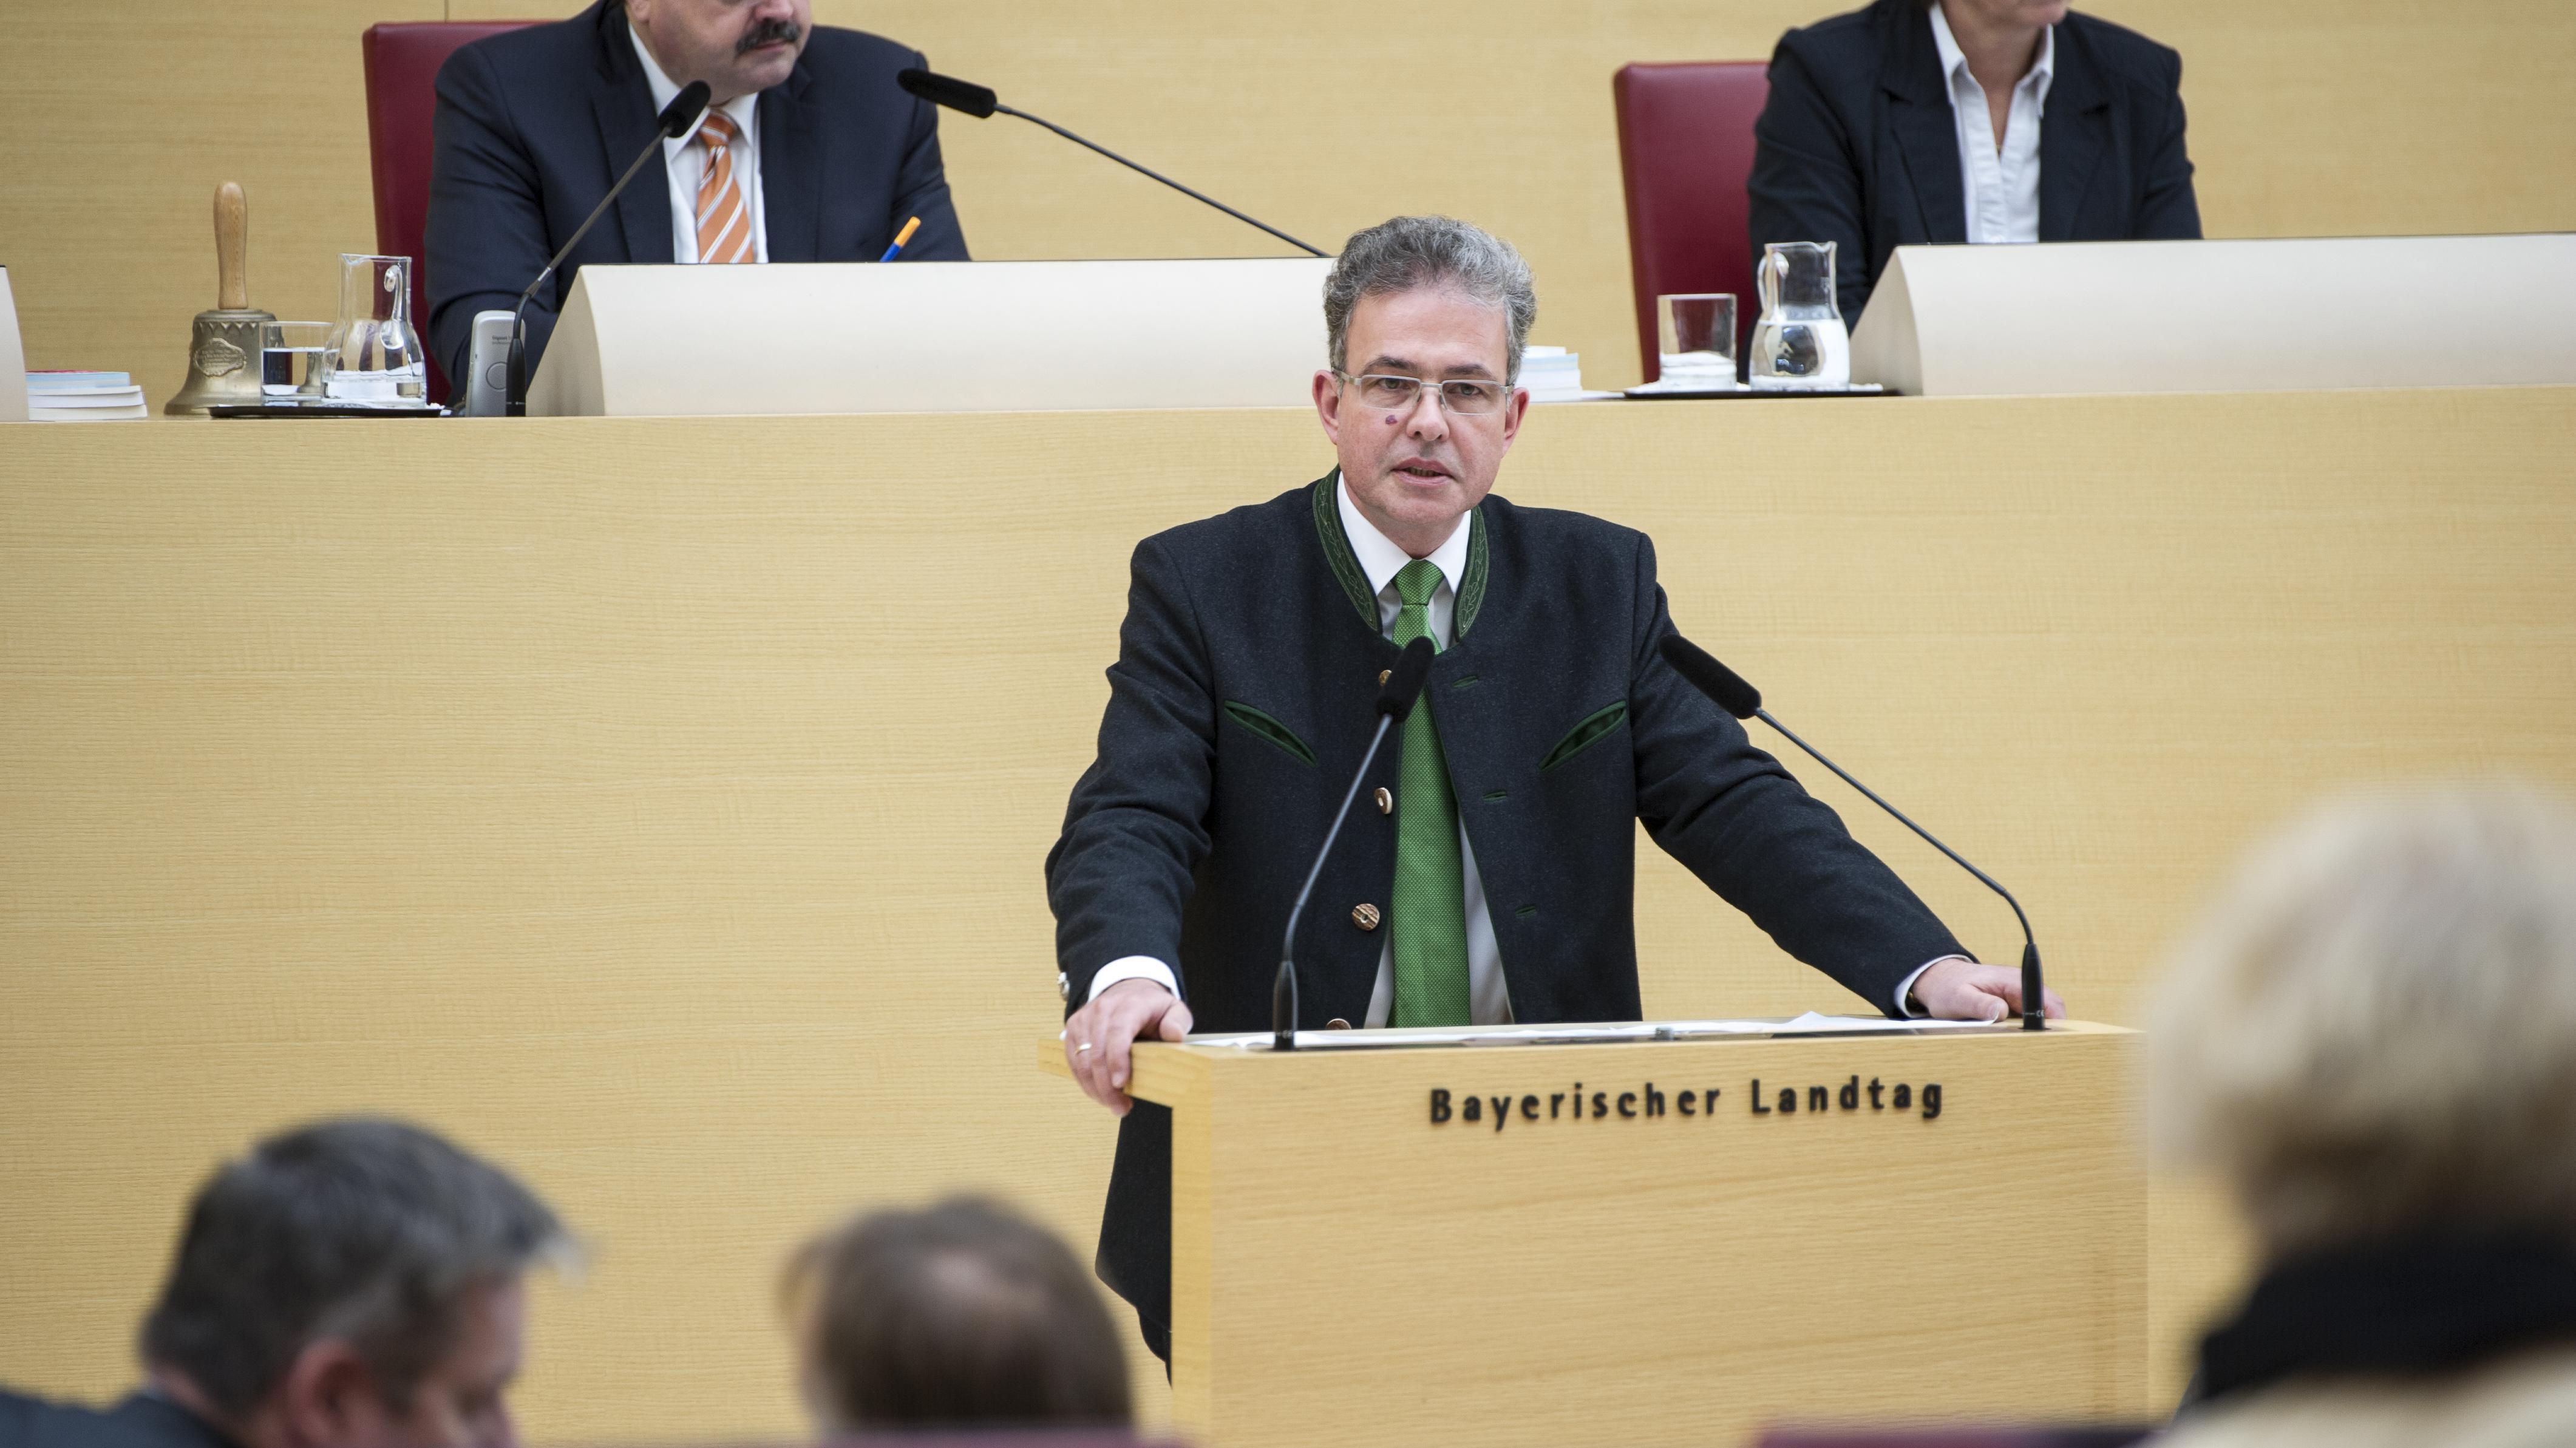 Florian Streibl,  Vorsitzender der Freien-Wähler-Fraktion im Bayerischen Landtag, steht am Rednerpult des Landtags